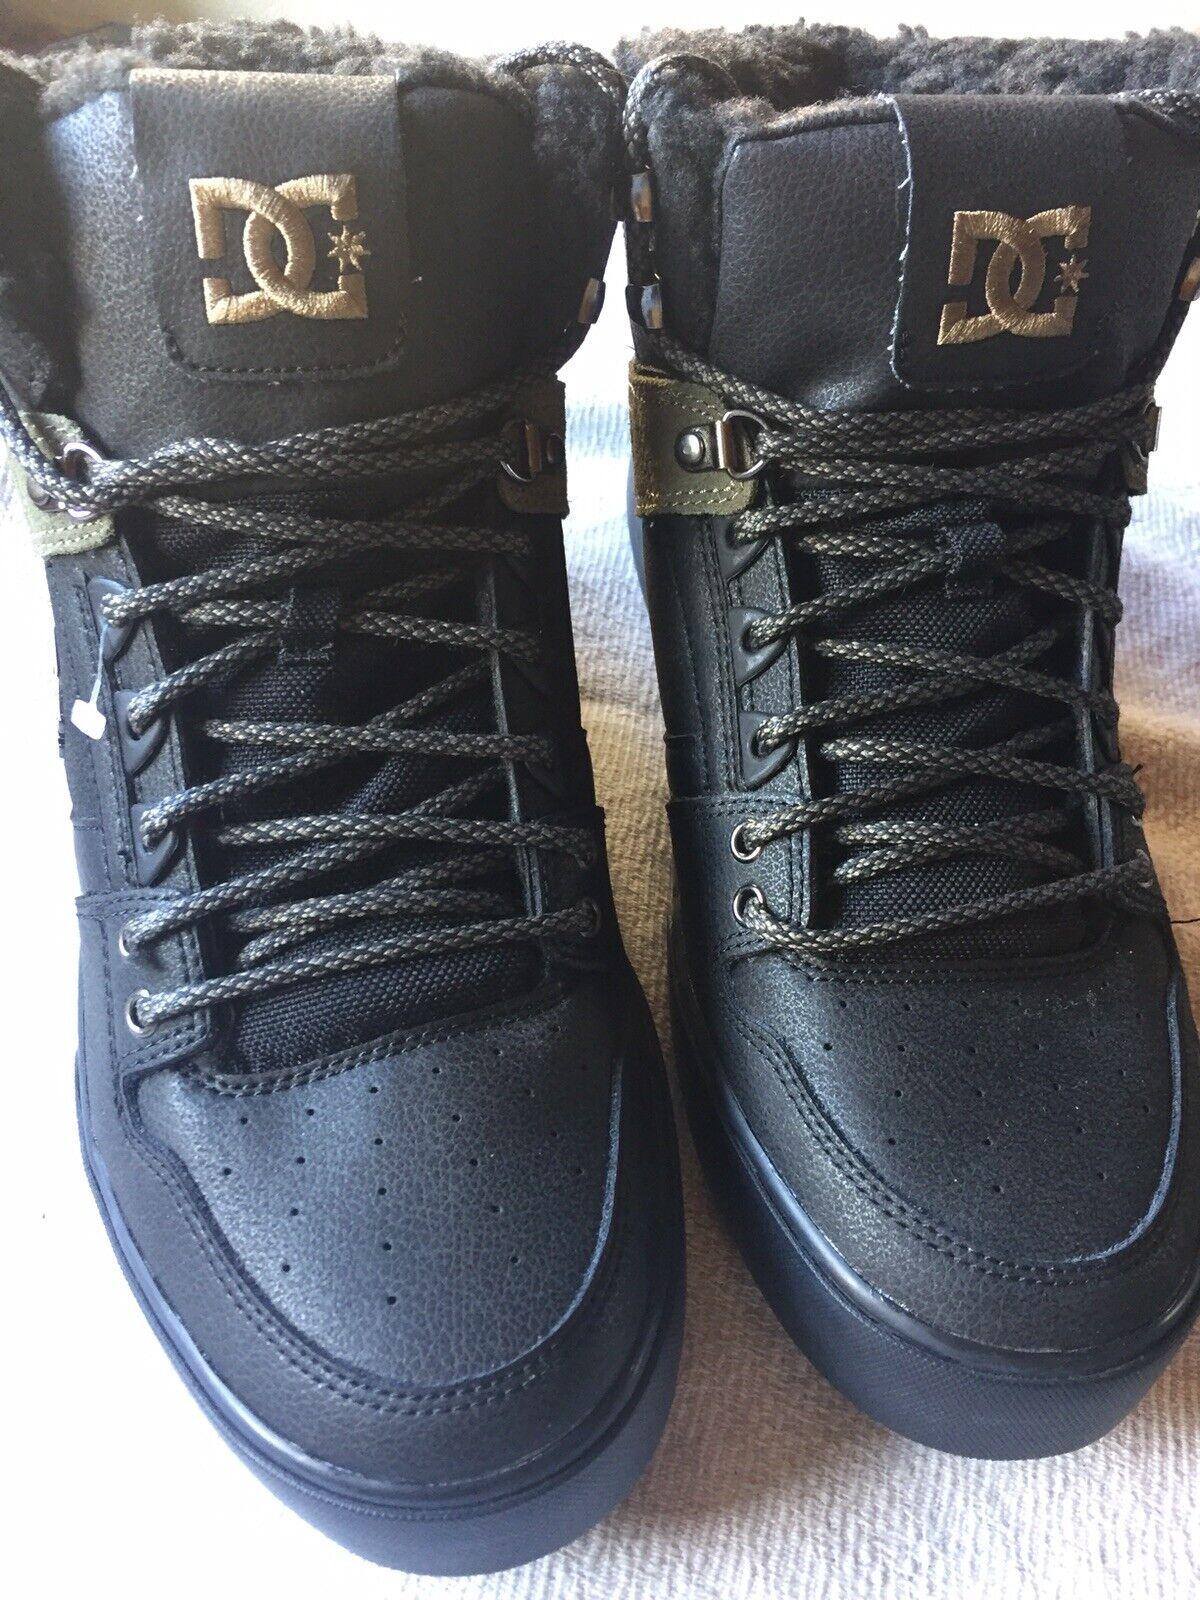 DC Men's Spartan High WC Stiefel Stiefel Gr.46 , Leder,schwarz, warmgefüttert, Neu